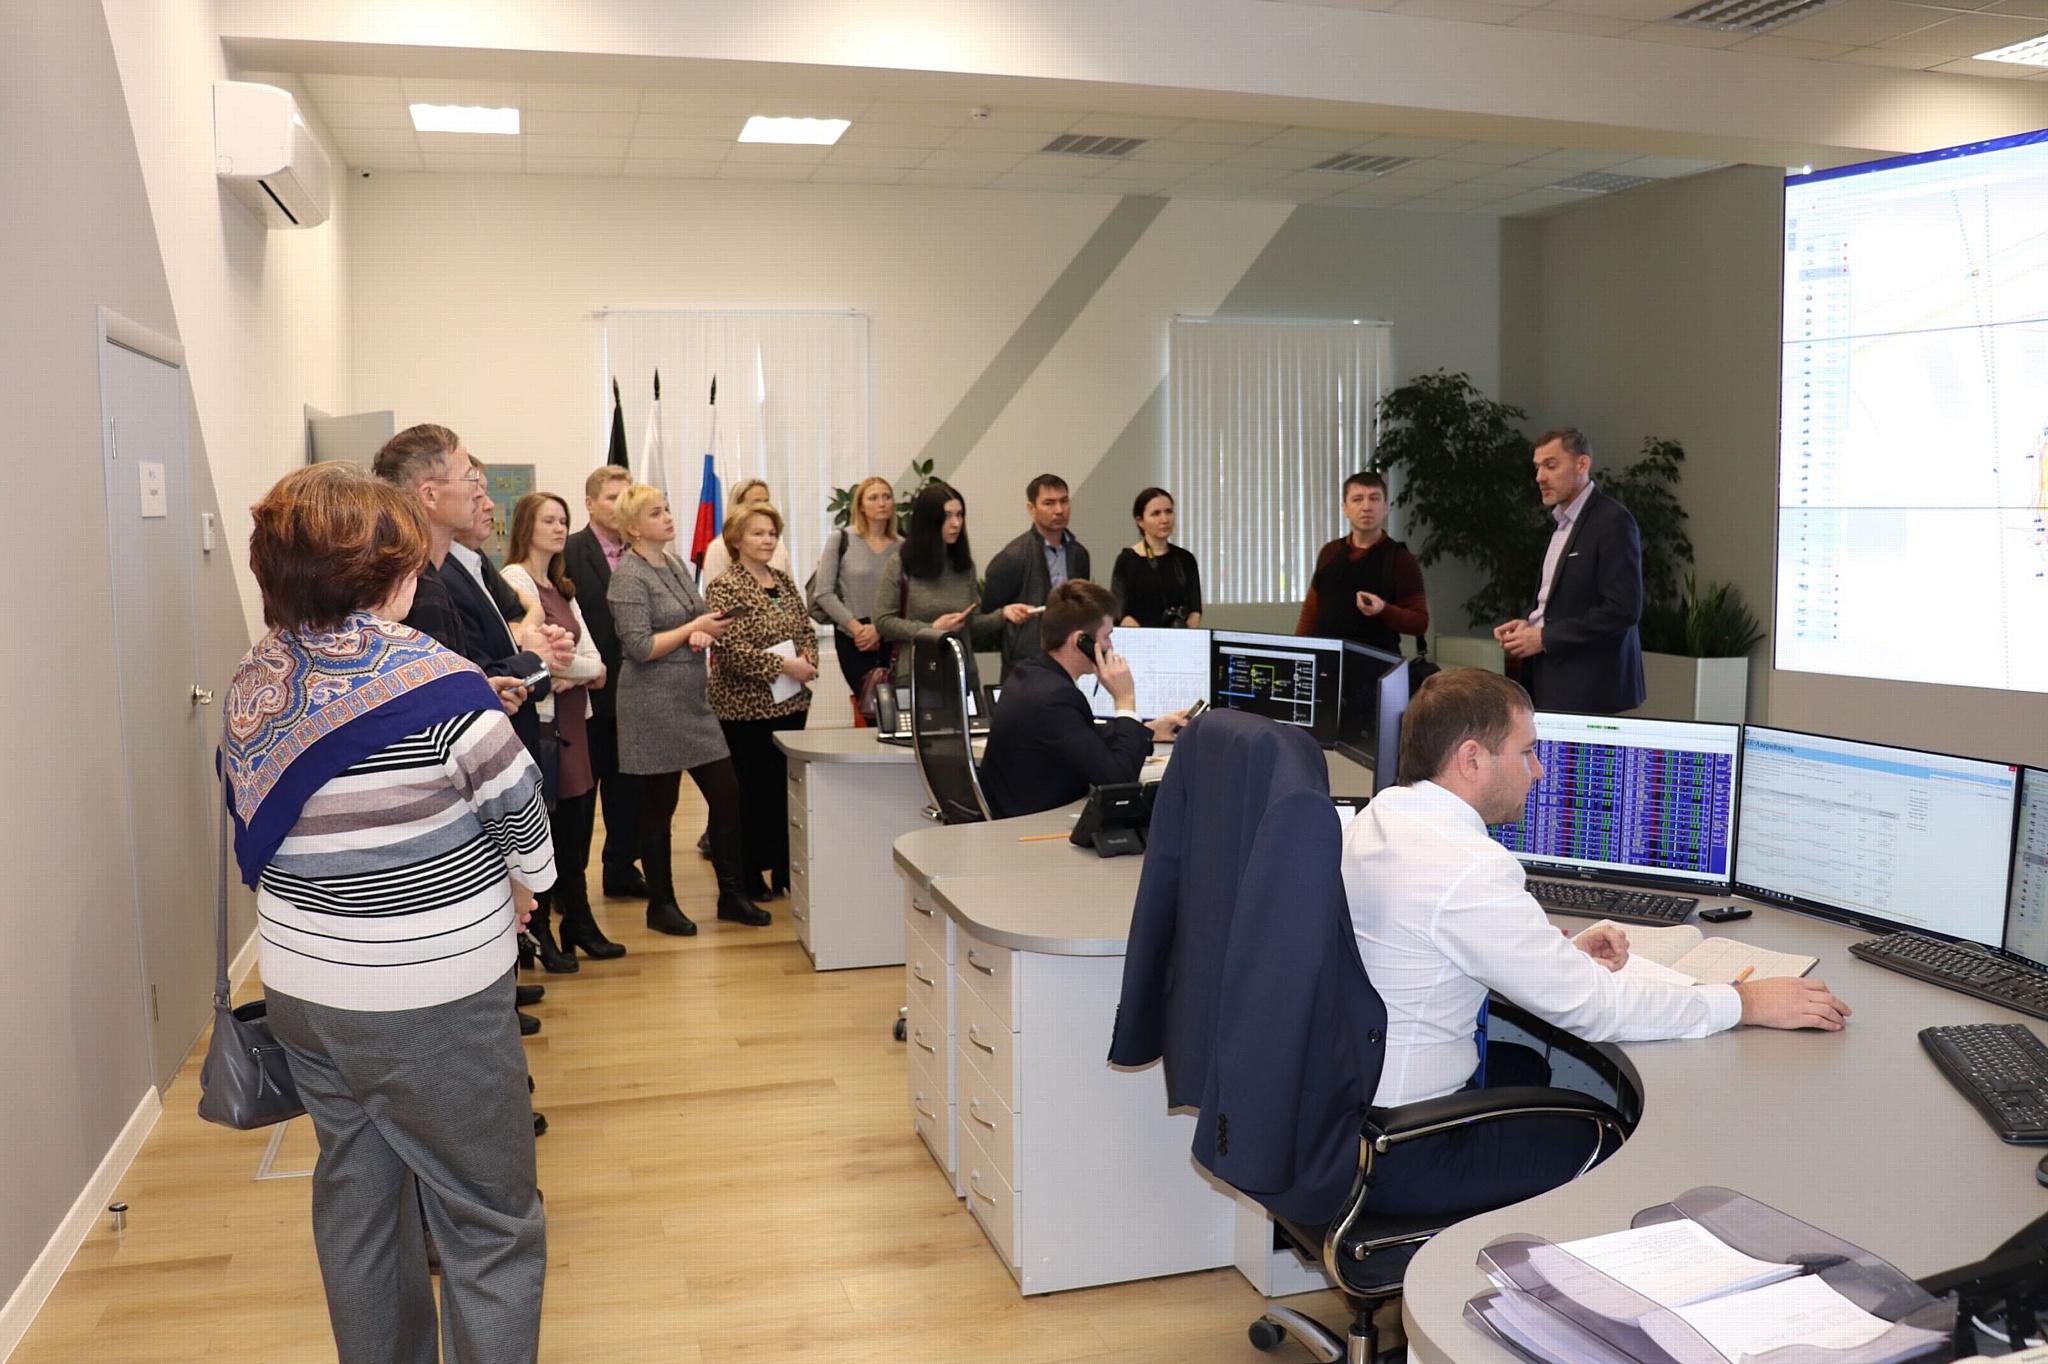 Журналисты ознакомились с цифровыми объектами Удмуртэнерго